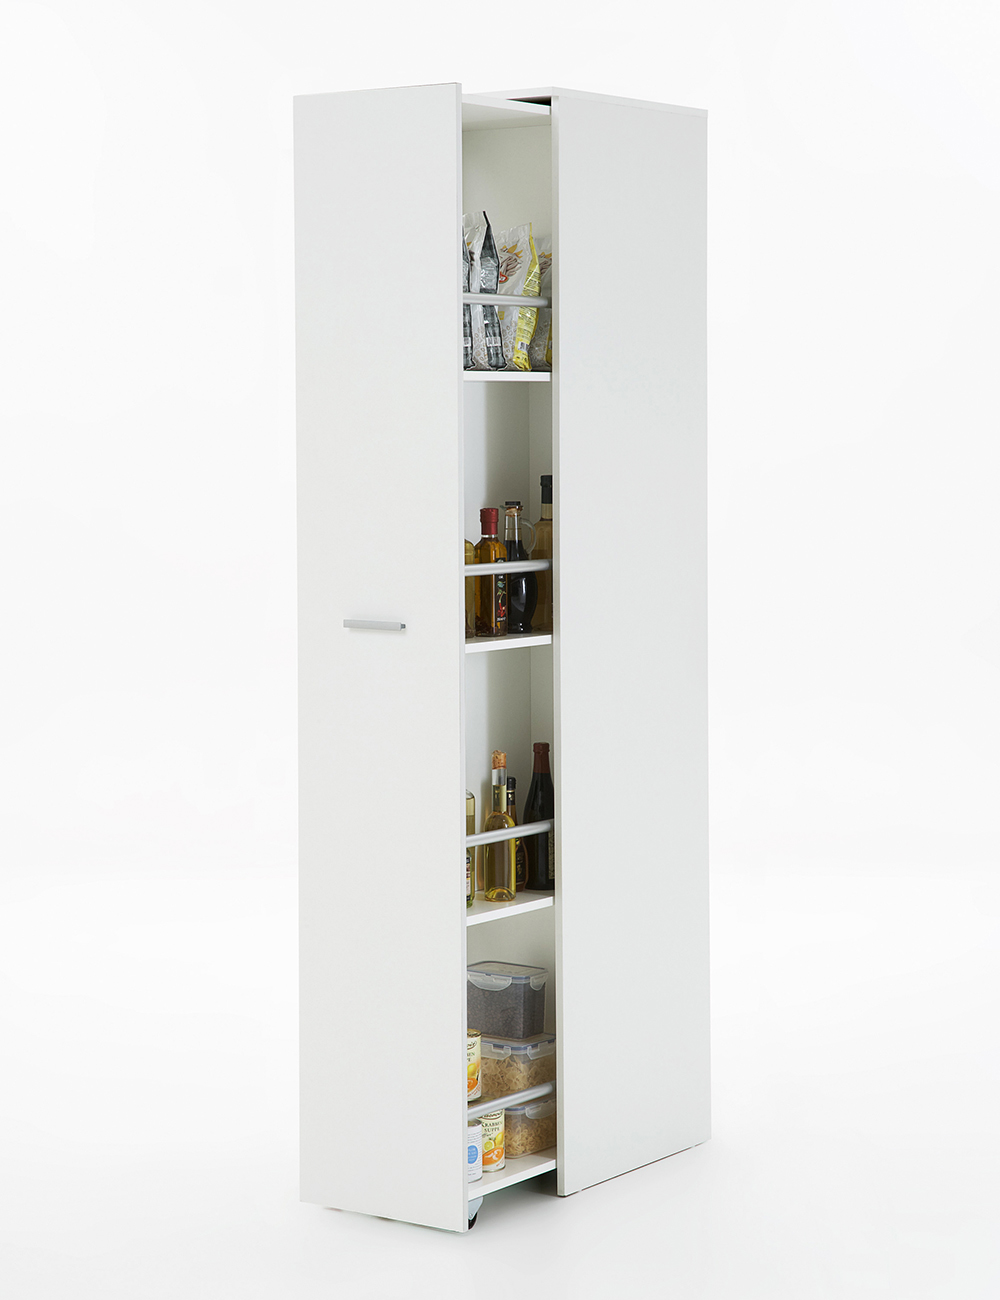 Meuble de cuisine etroit mobilier design d coration d 39 int rieur - Meuble cuisine etroit ...